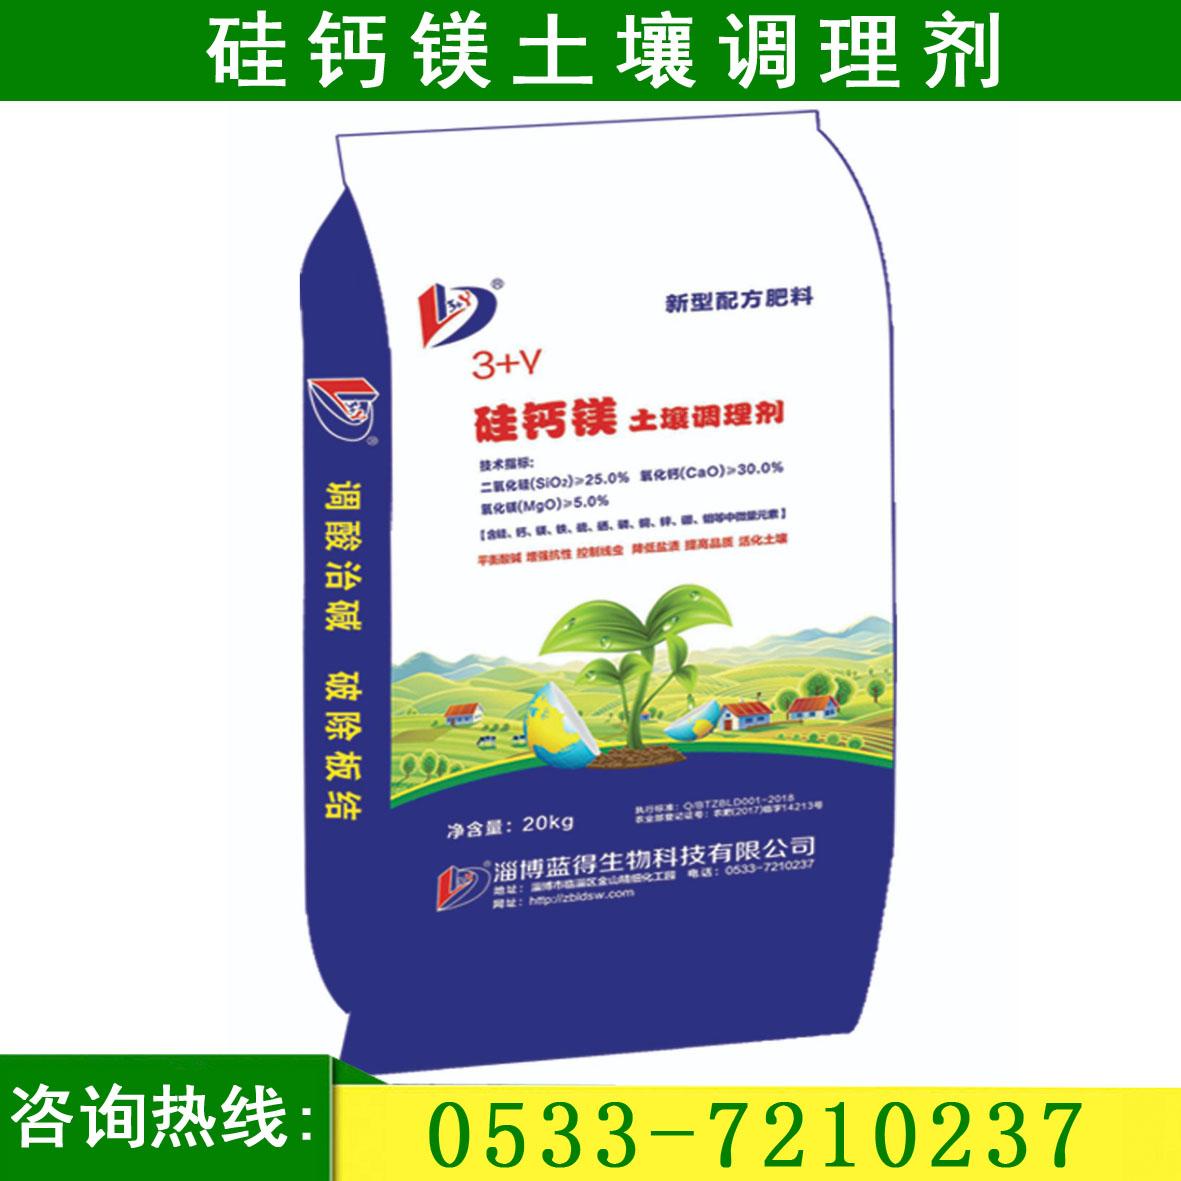 淄博硅钙镁土壤调理剂 硅钙镁土壤调理剂  硅钙镁土壤调理剂原材料 硅钙镁土壤调理剂厂家